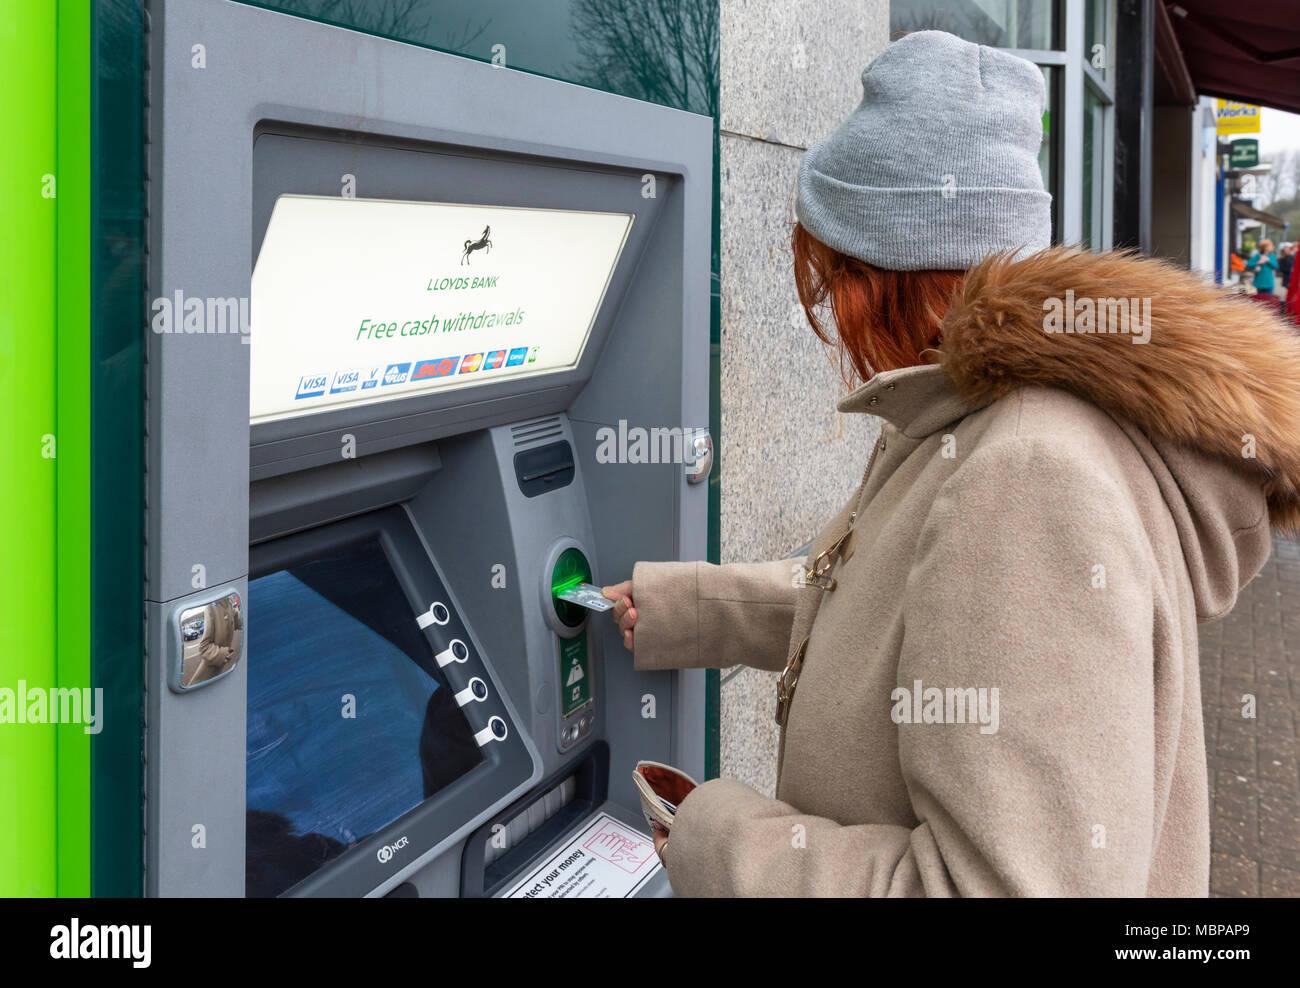 Mujer Senior sacar dinero de un cajero automático de Lloyds Bank en Inglaterra, Reino Unido. Cajeros, cajeros, cajeros automáticos, el agujero en la pared. Retiro de dinero. Imagen De Stock